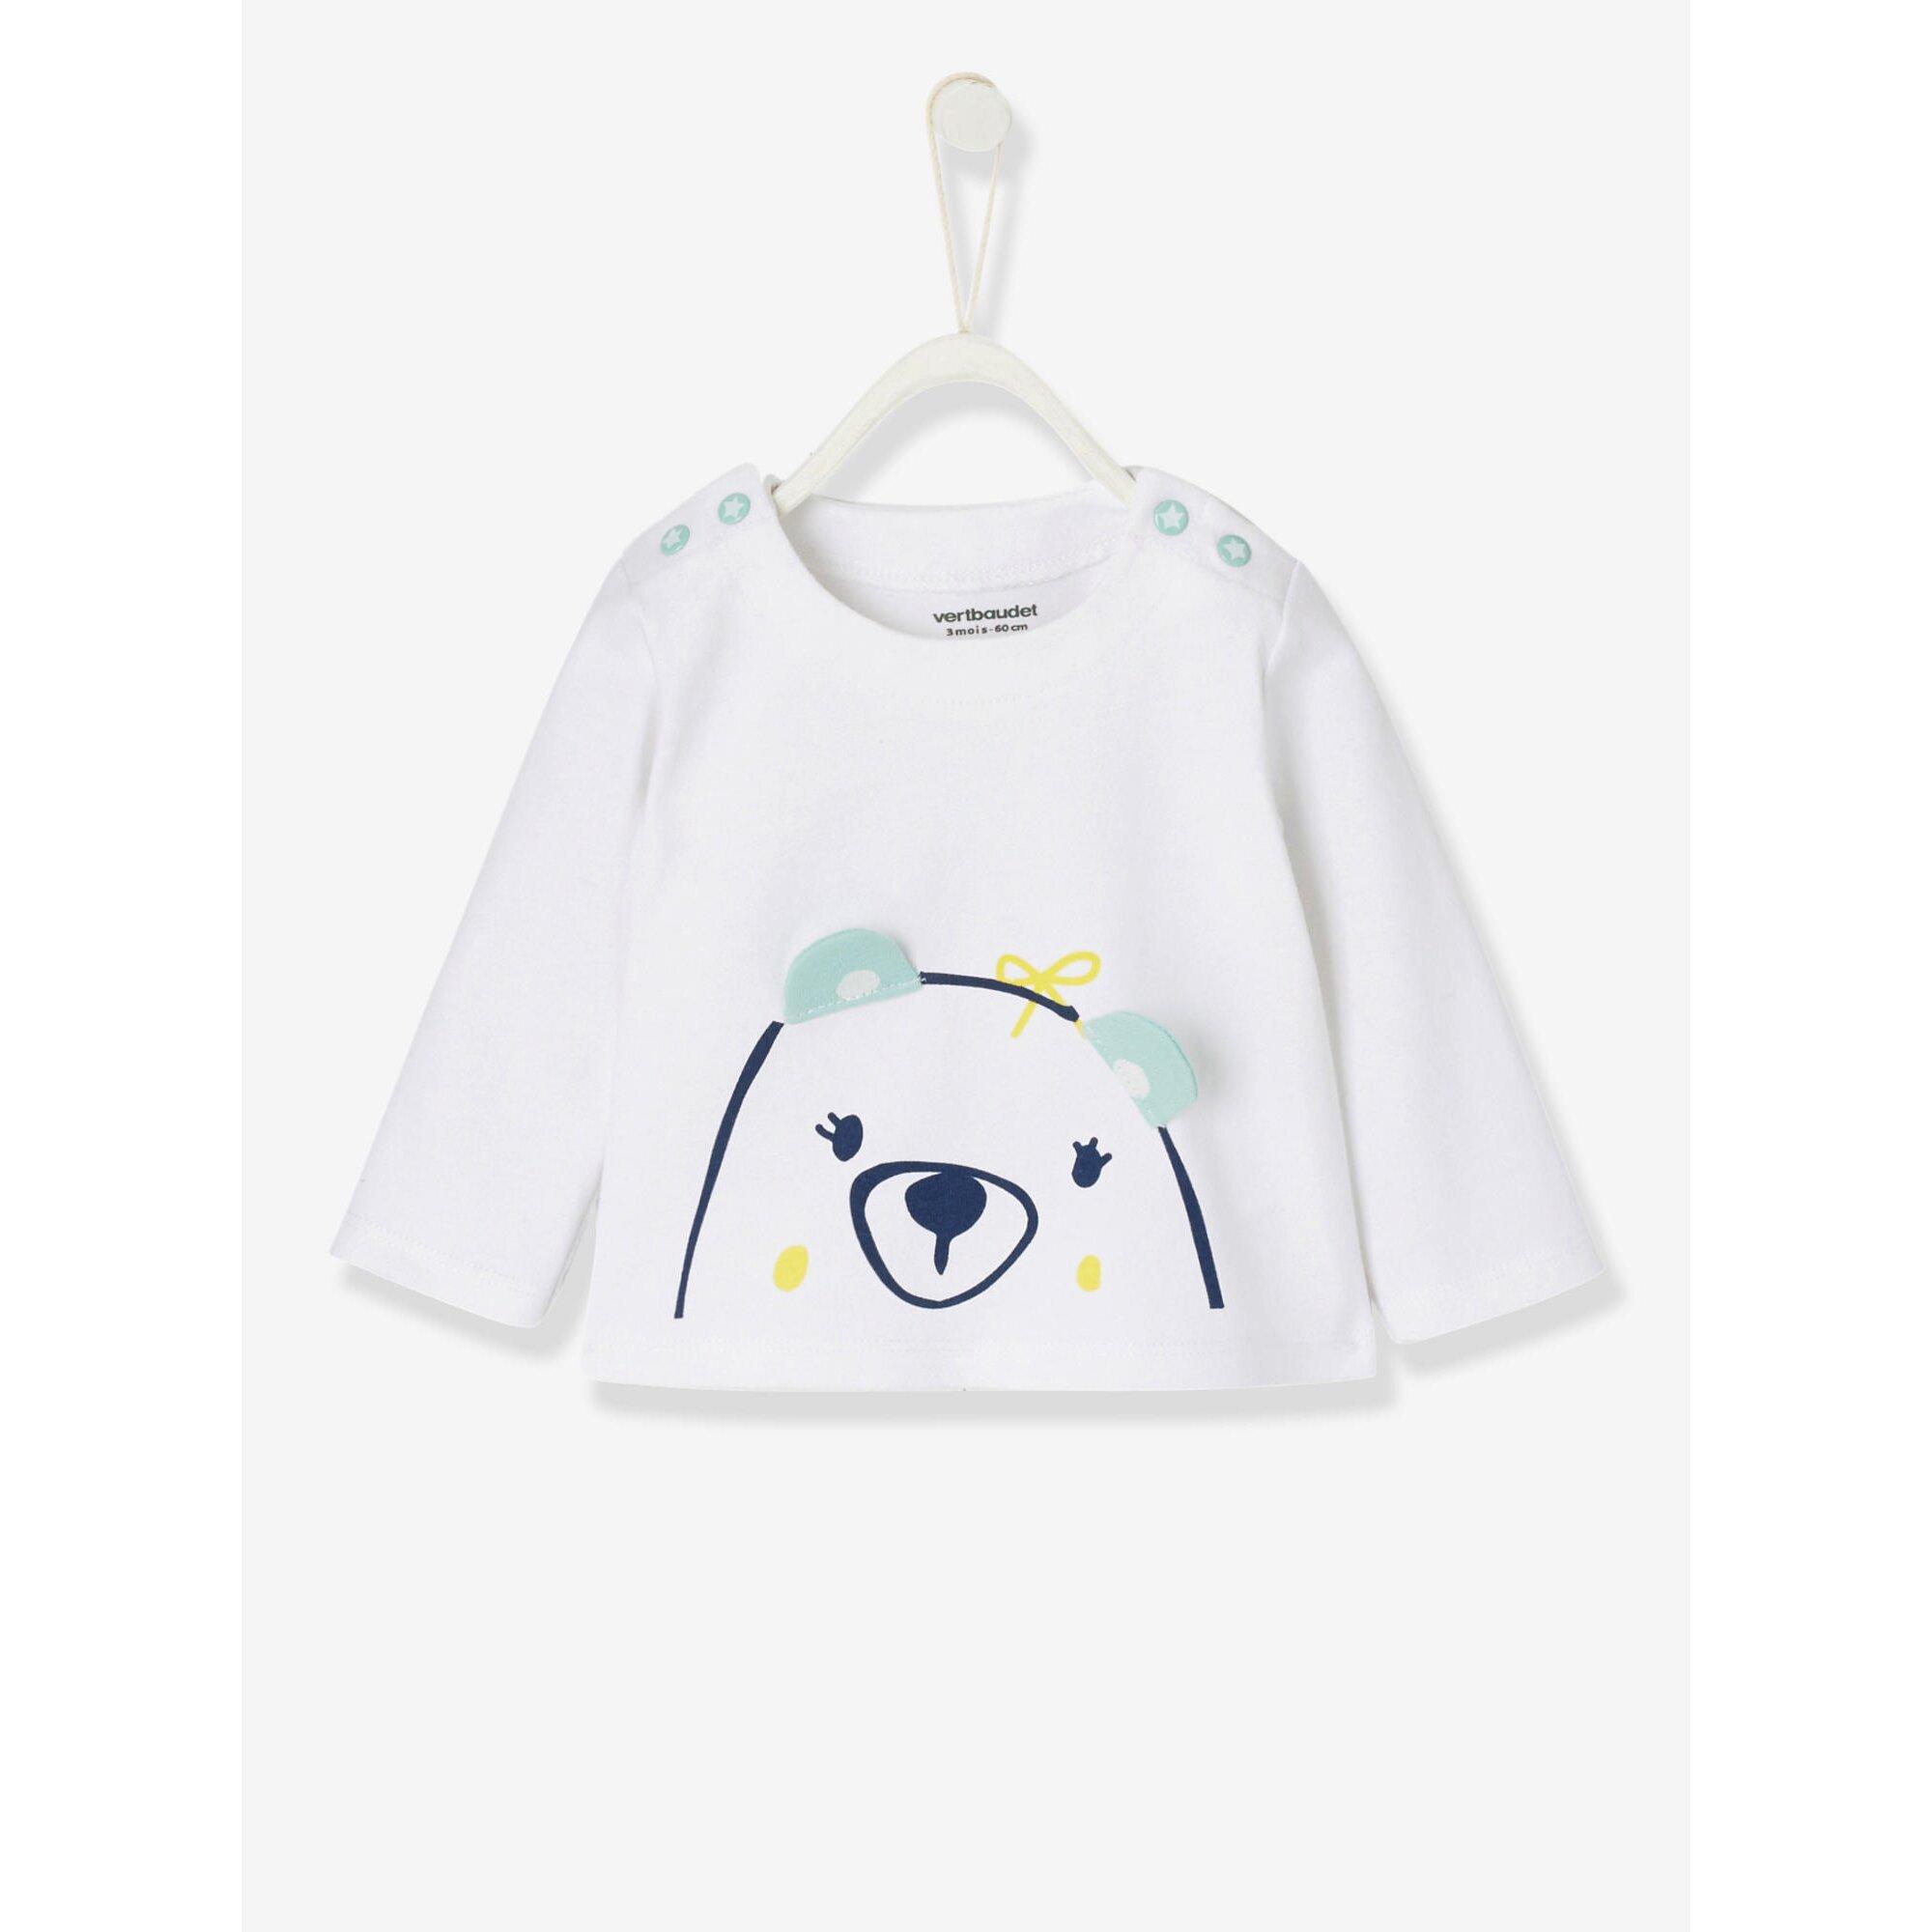 vertbaudet-babyset-aus-shirt-mutze-und-sweathose